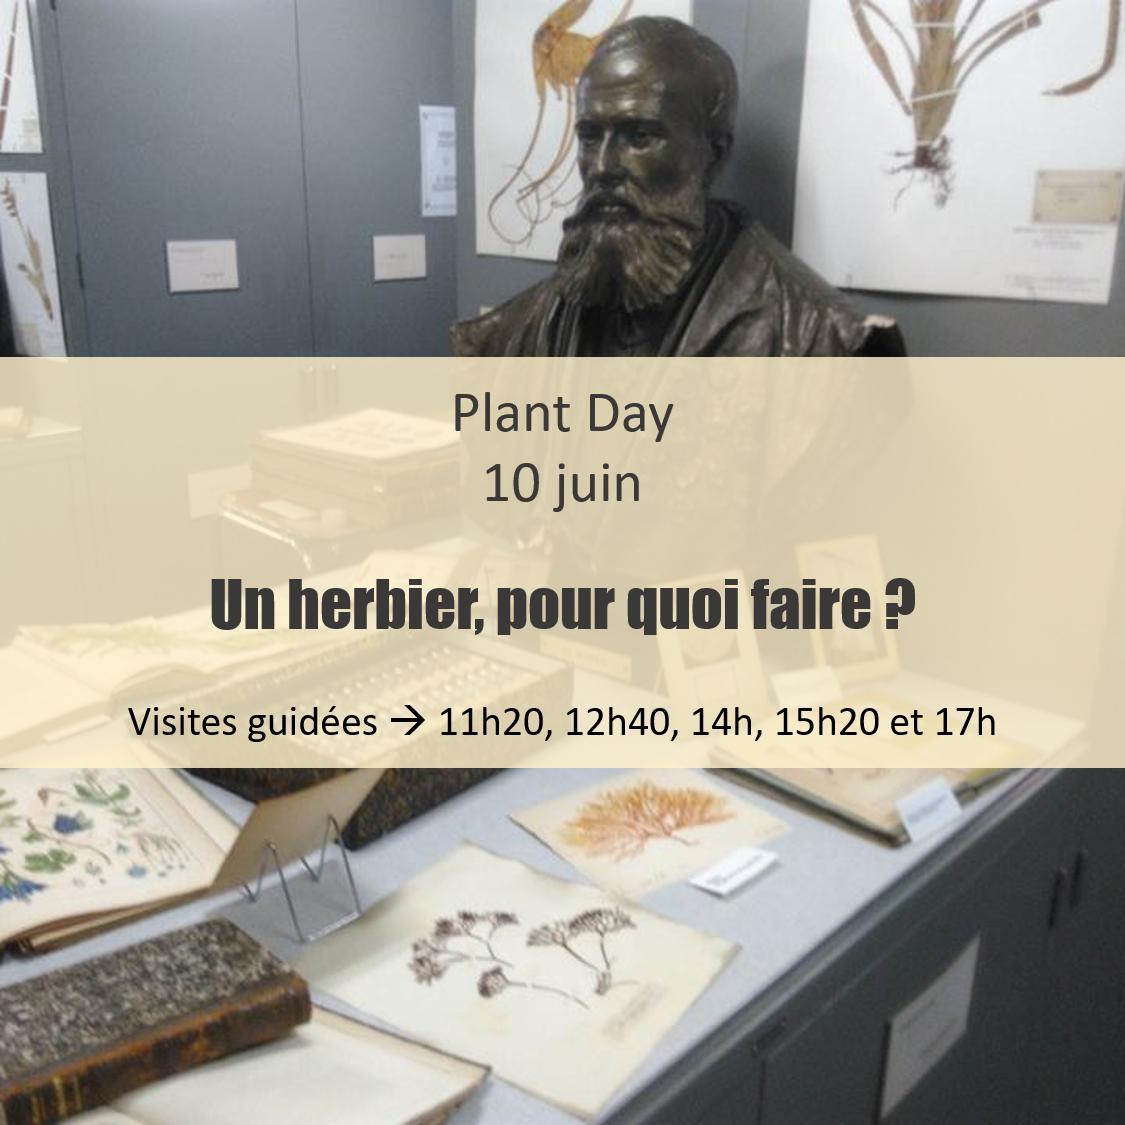 Venez visiter l'incroyable collection végétale de l'Herbarium de @UniversiteLiege. Plus de 200 échantillons provenant des quatre coins du monde. Institut de Botanique, B22, ULiège Faculté des Sciences http://www.events.uliege.be/plantday/programme/… #PlantDay #Herbarium